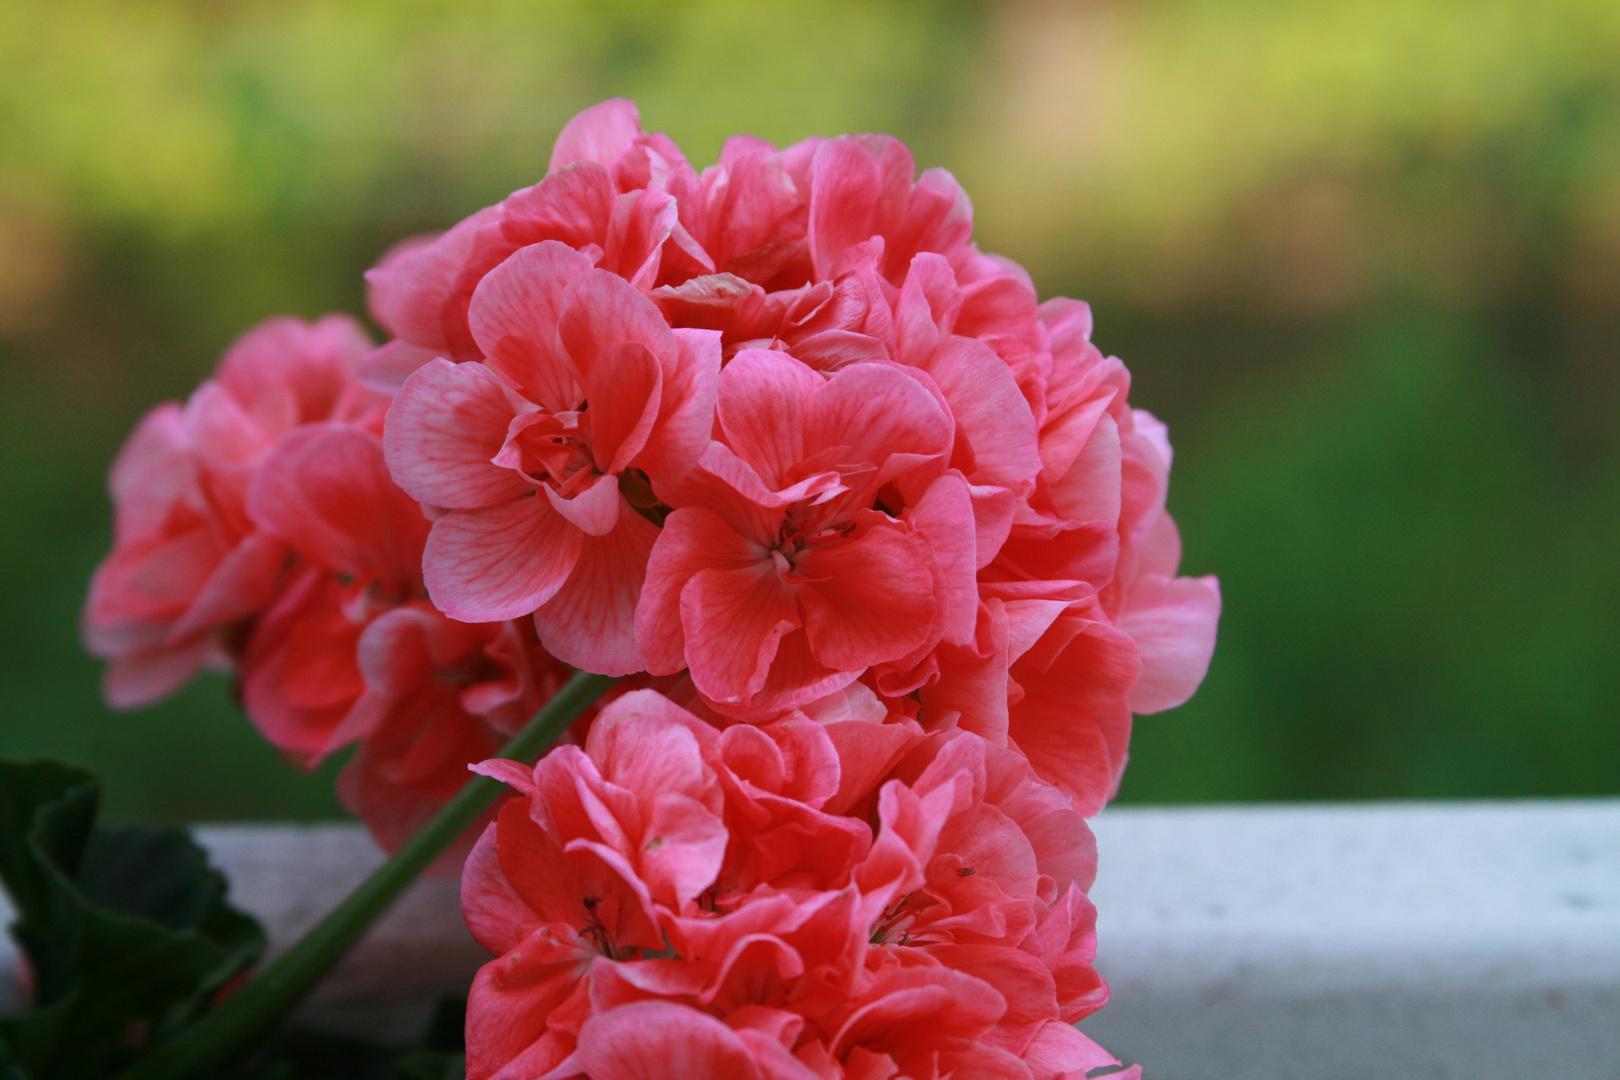 Sommerfarben- klar und deutlich